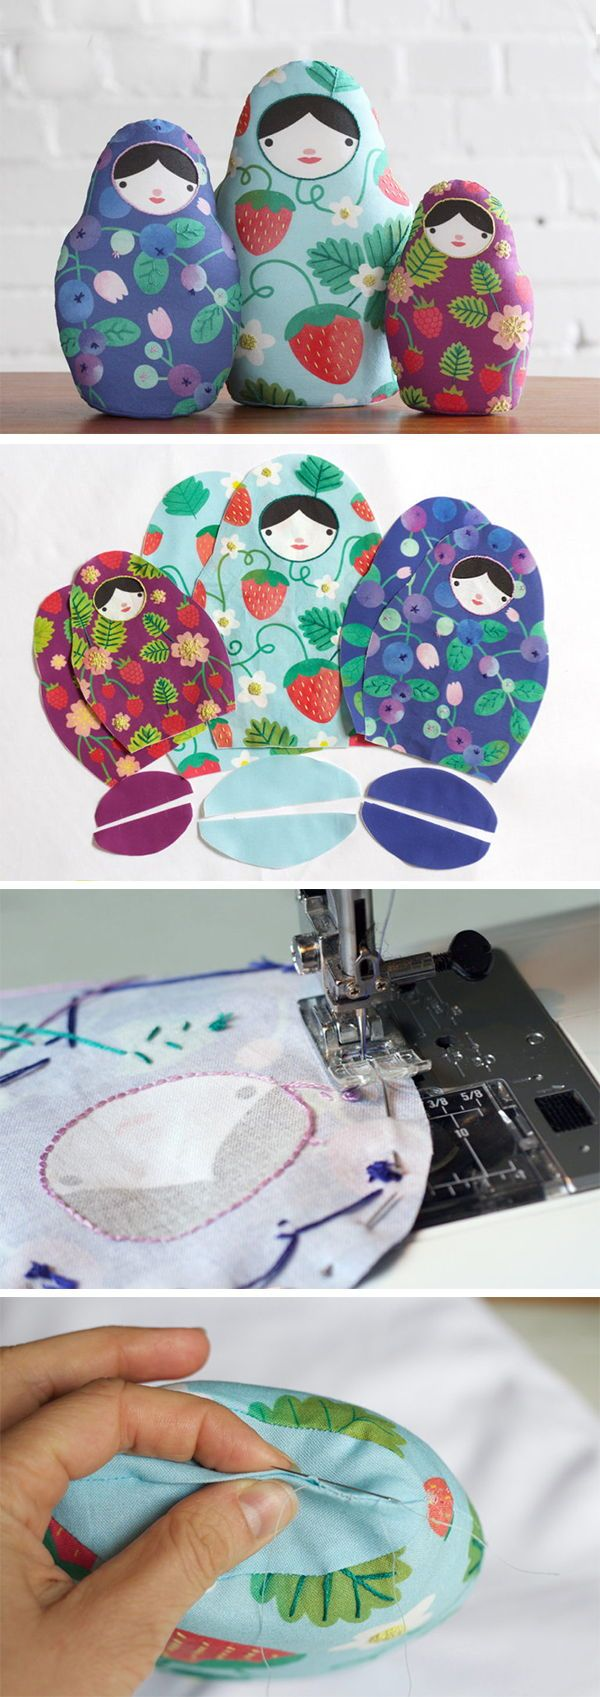 DIY Matryoshka Nesting Dolls - Just like the traditional ...